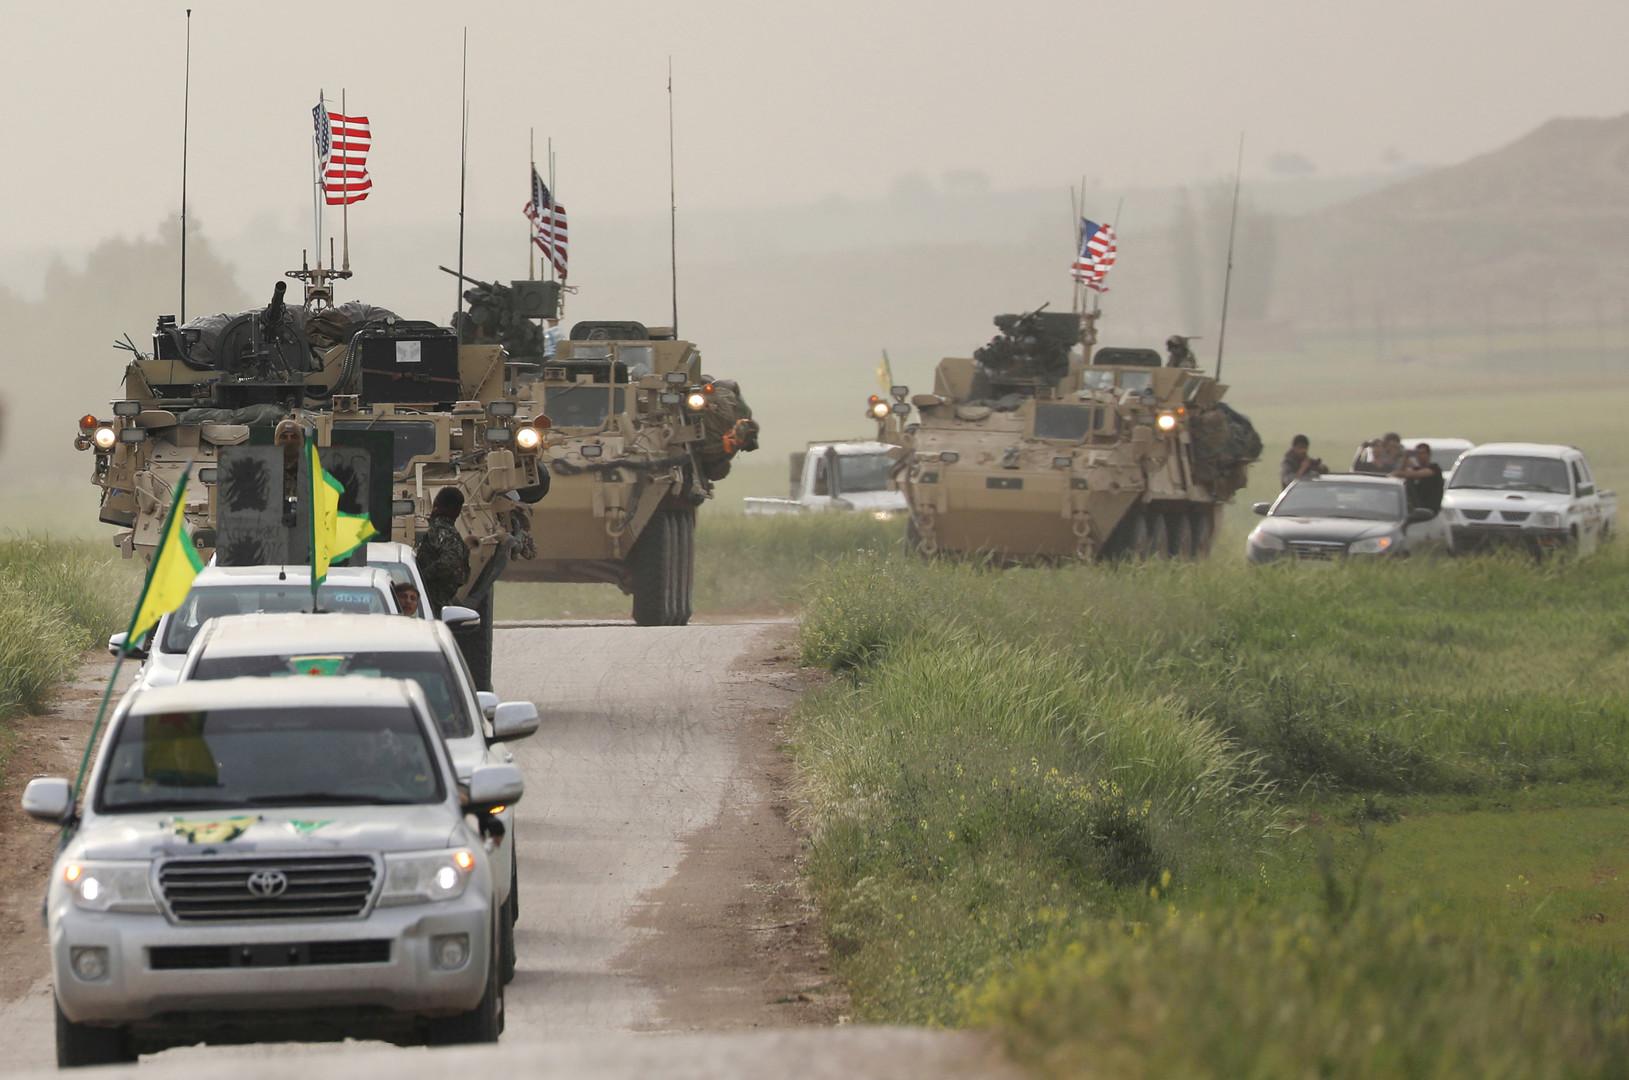 واشنطن تبدأ بتزويد الميلشيات الكردية في سورية بالأسلحة والمعدات